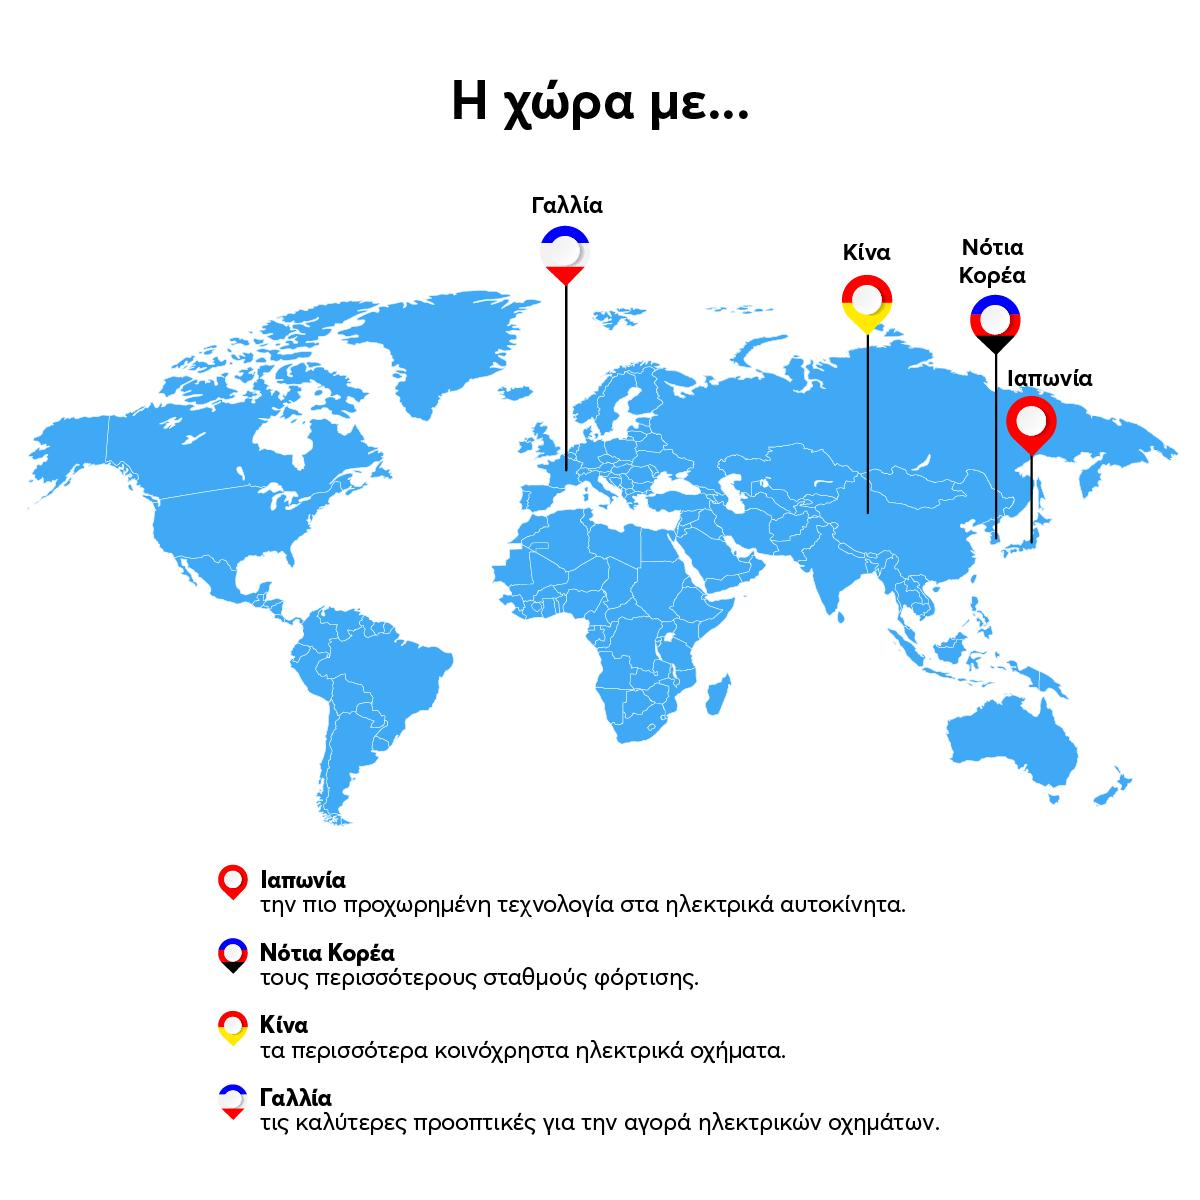 γράφημα με στοιχεία για διάφορες χώρες και την ηλεκτροκίνηση